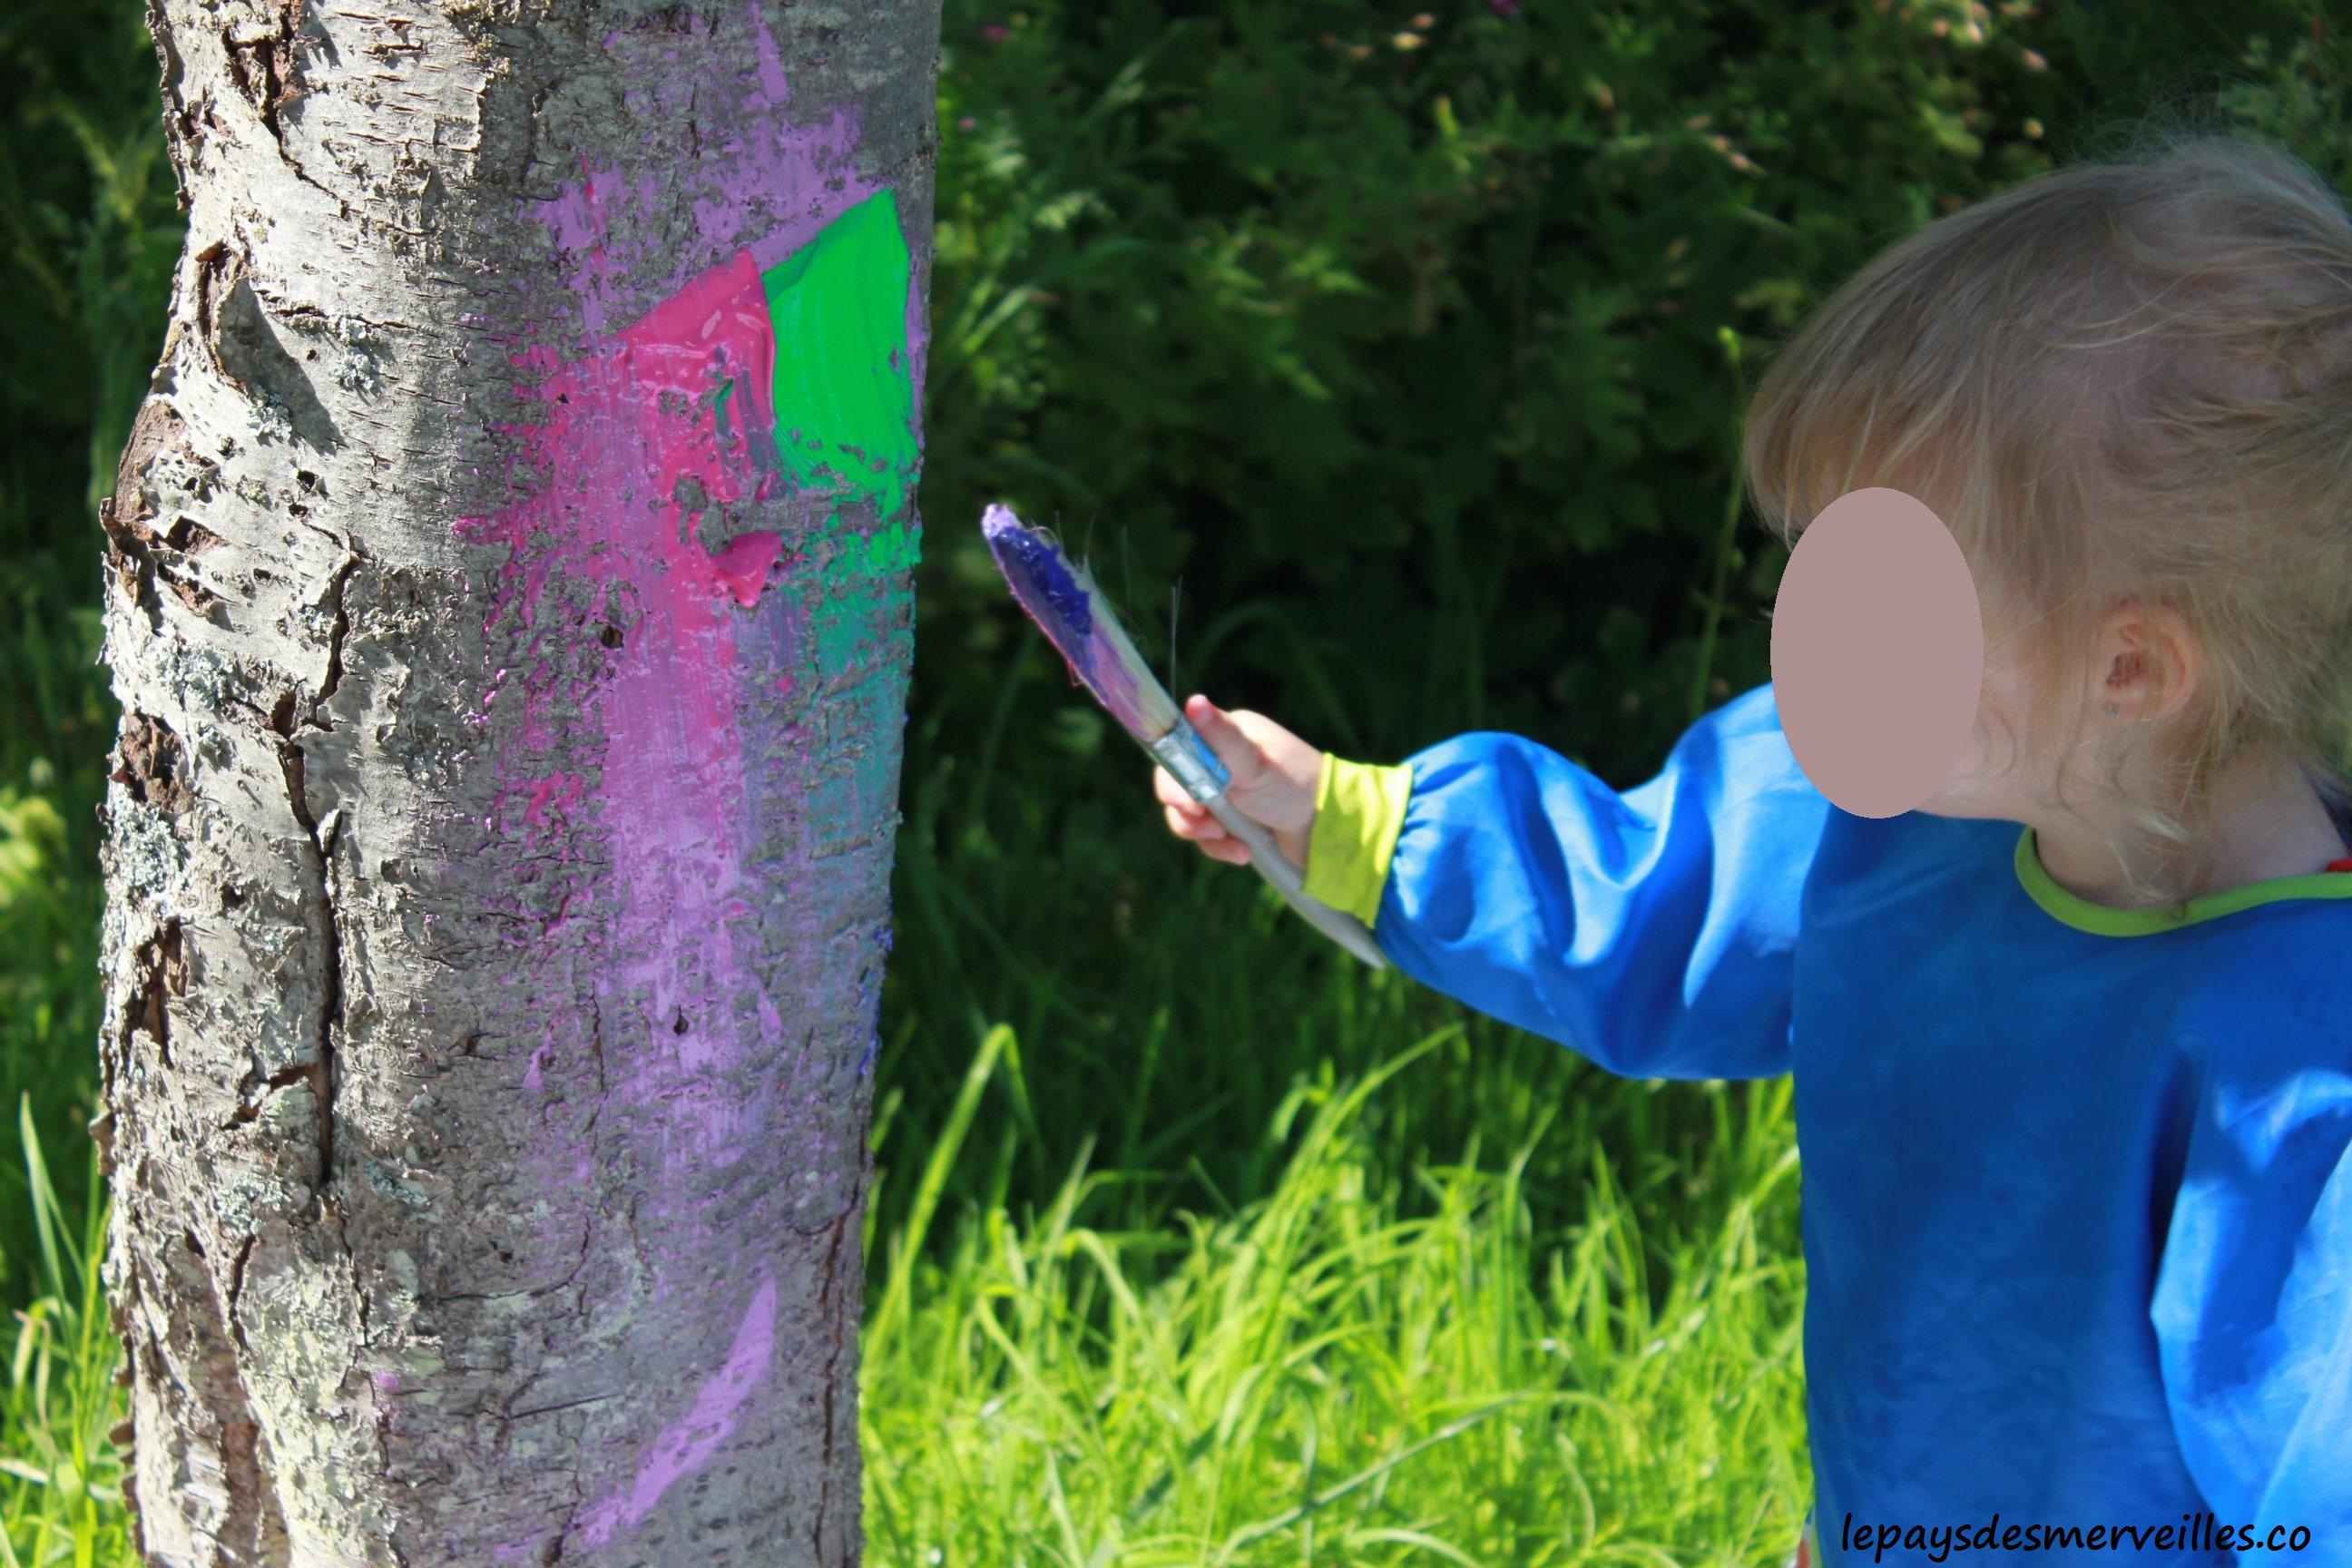 mettre de la couleur dans le jardin en peignant un arbre